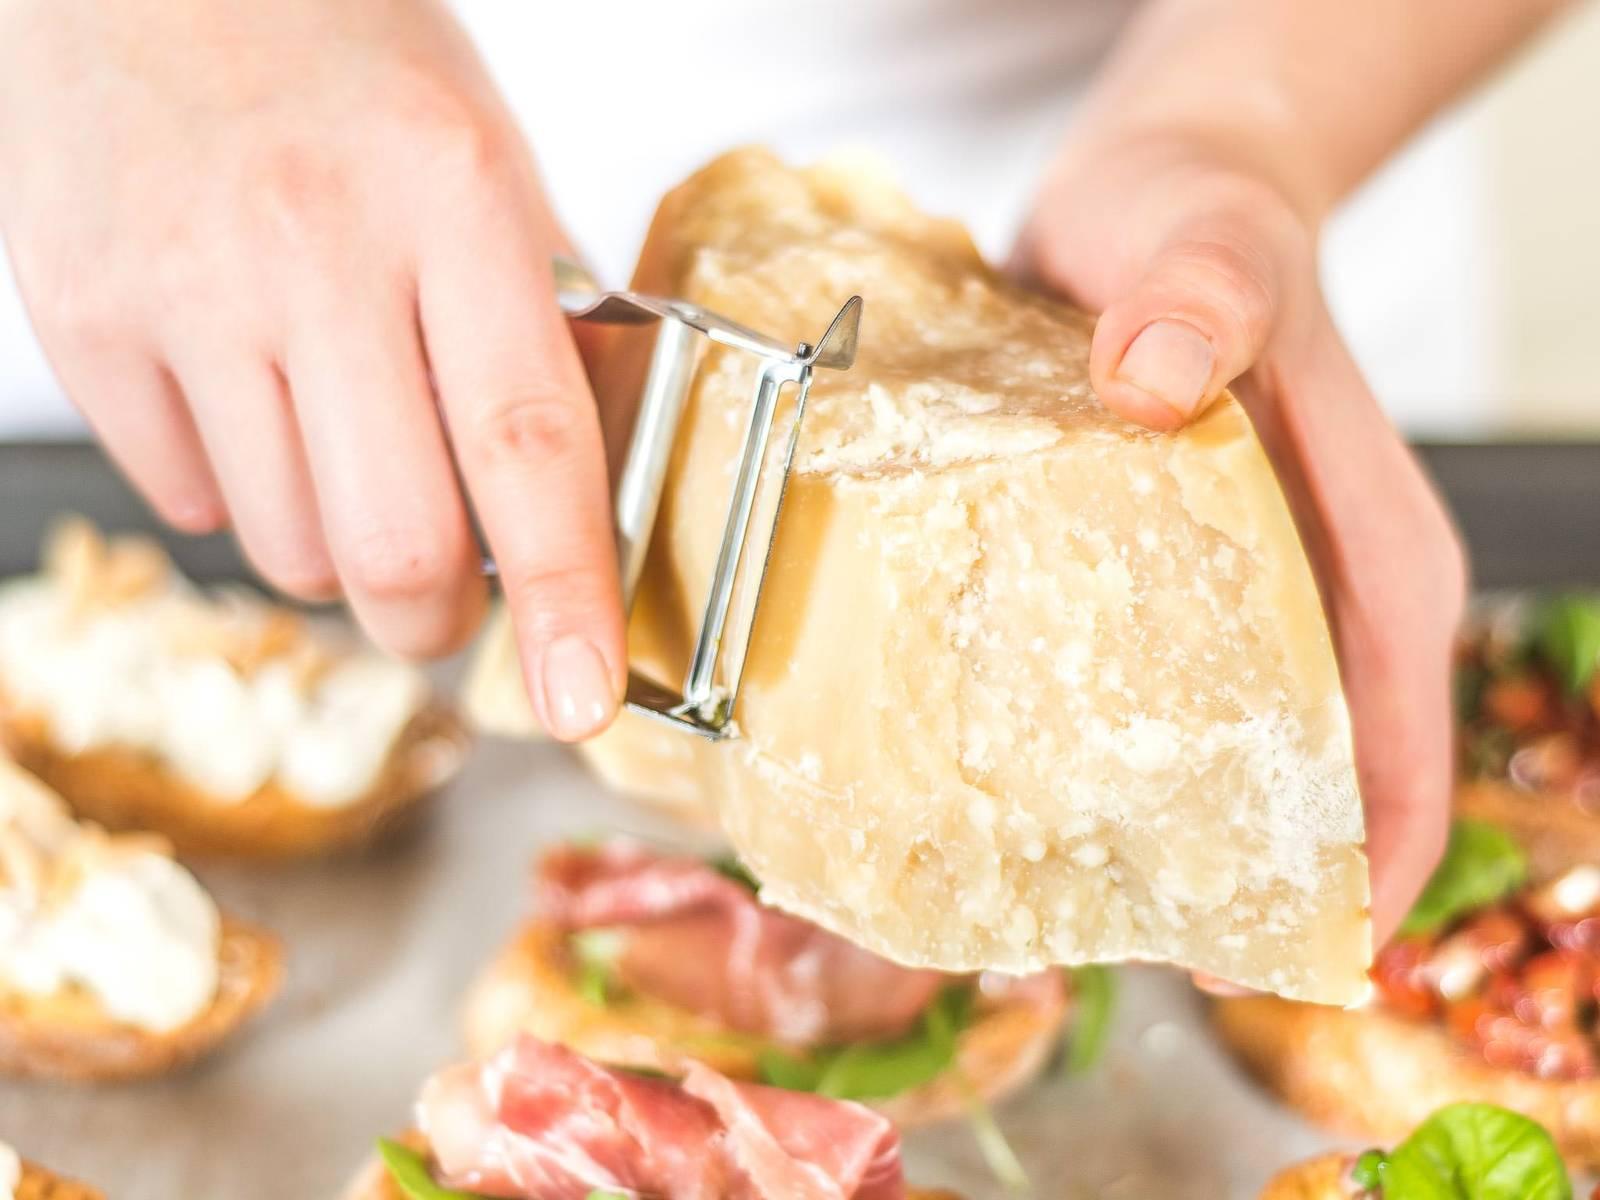 制作帕尔玛火腿面包小点心:将芝麻菜,火腿铺在最后1/3份的面包片上,然后将帕米森干酪擦碎,铺在火腿上即可。